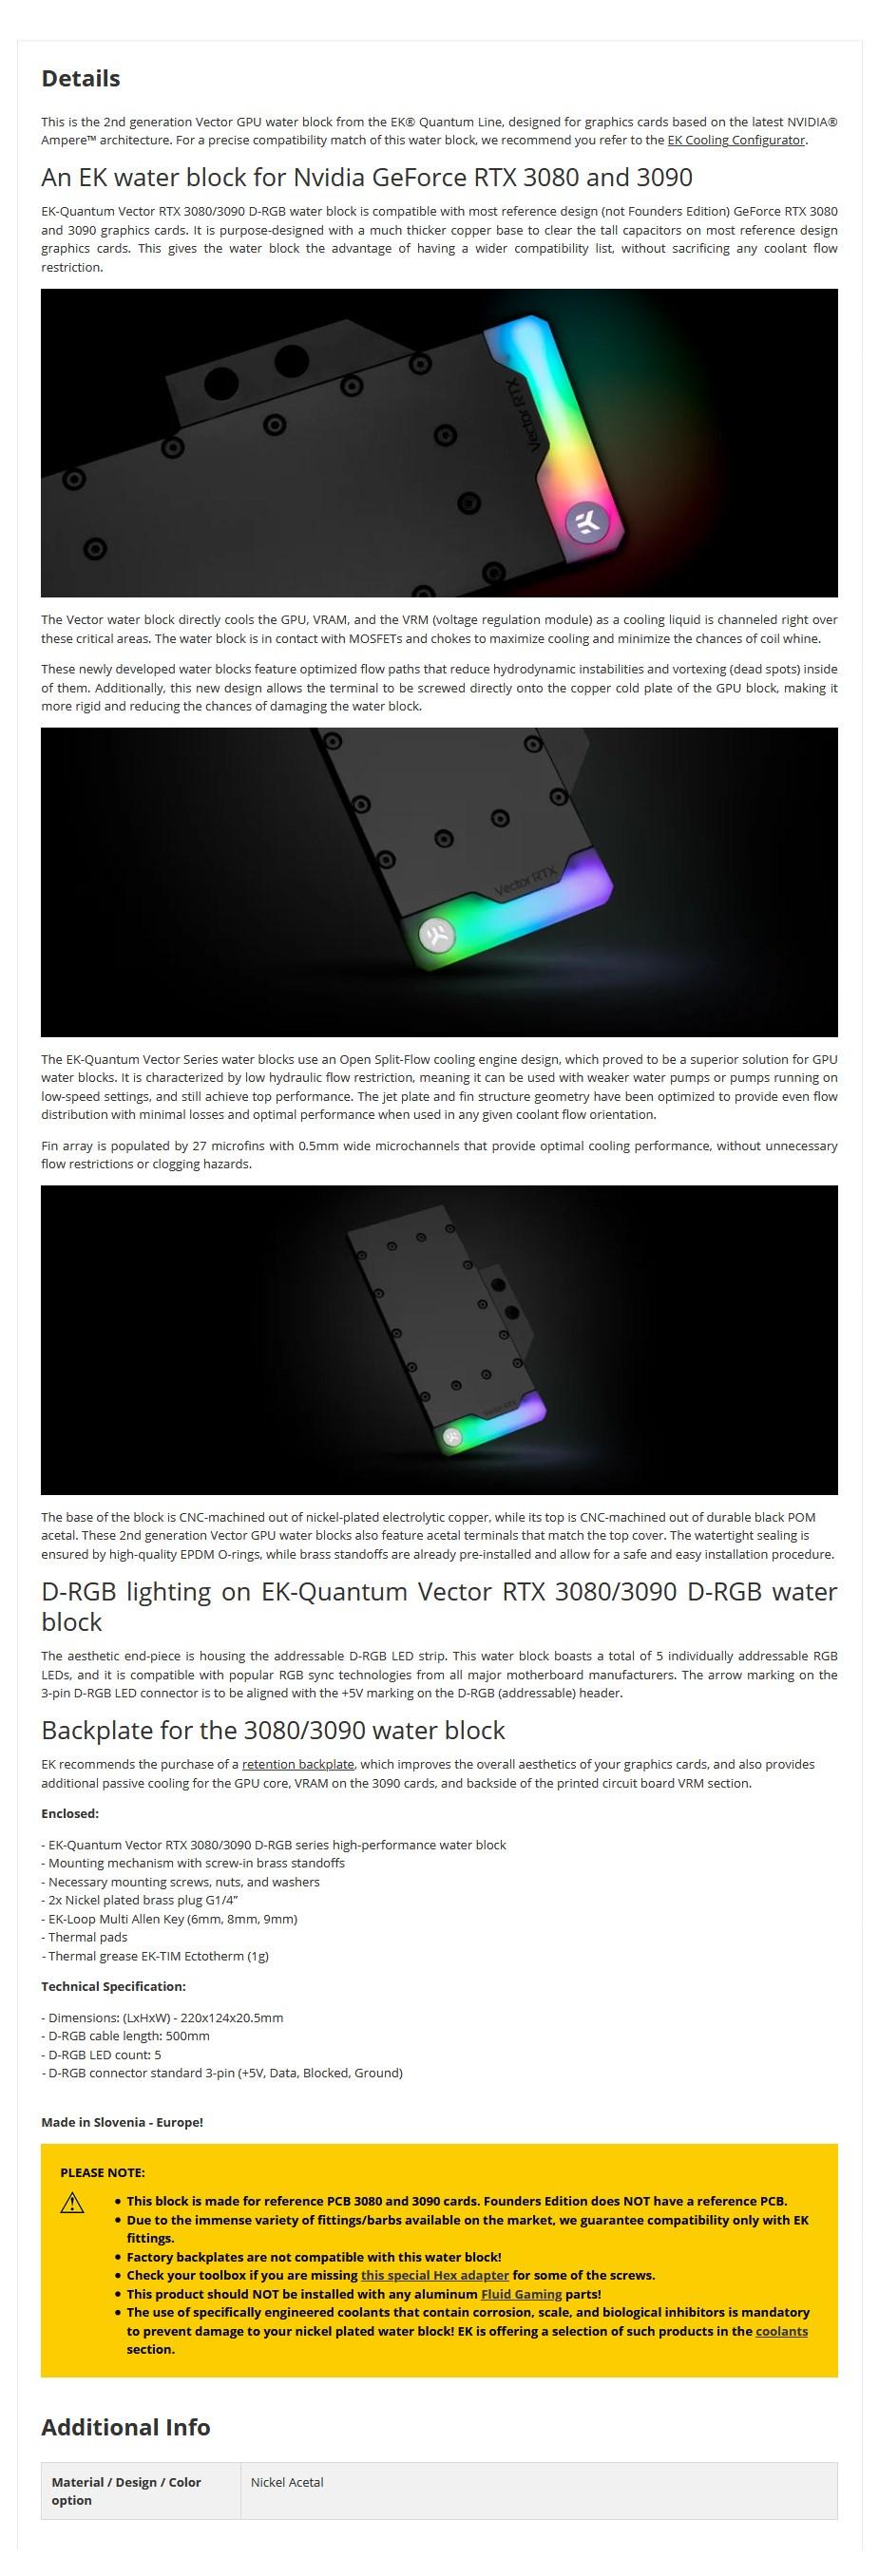 EKWB EK-Quantum Vector RTX 3080/3090 D-RGB - Nickel + Acetal GPU Water Block - Overview 1